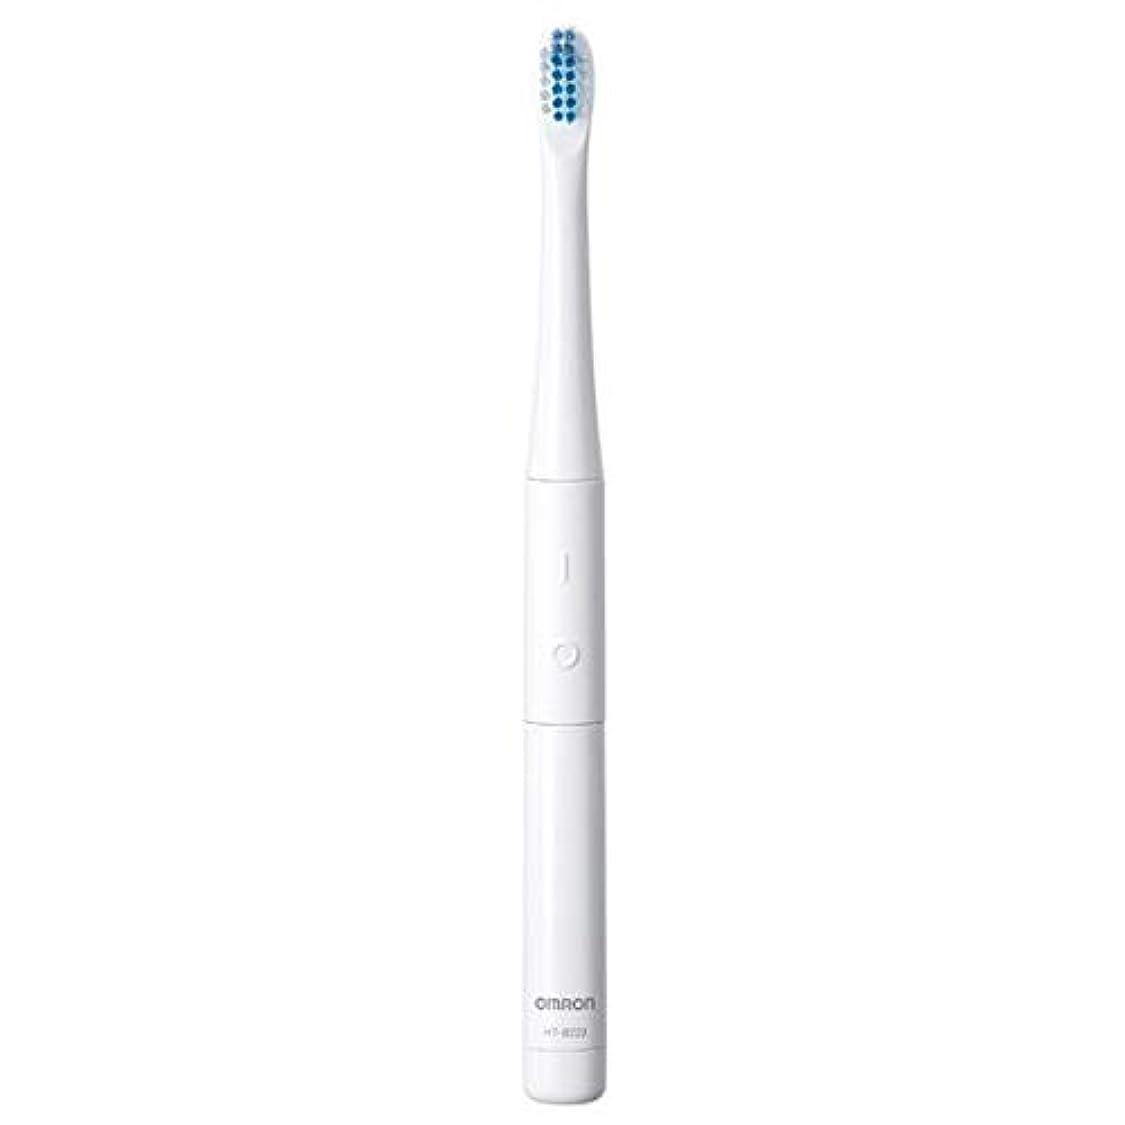 かみそり天のマイナーオムロン 電動歯ブラシ(ホワイト)OMRON 音波式 HT-B223-W